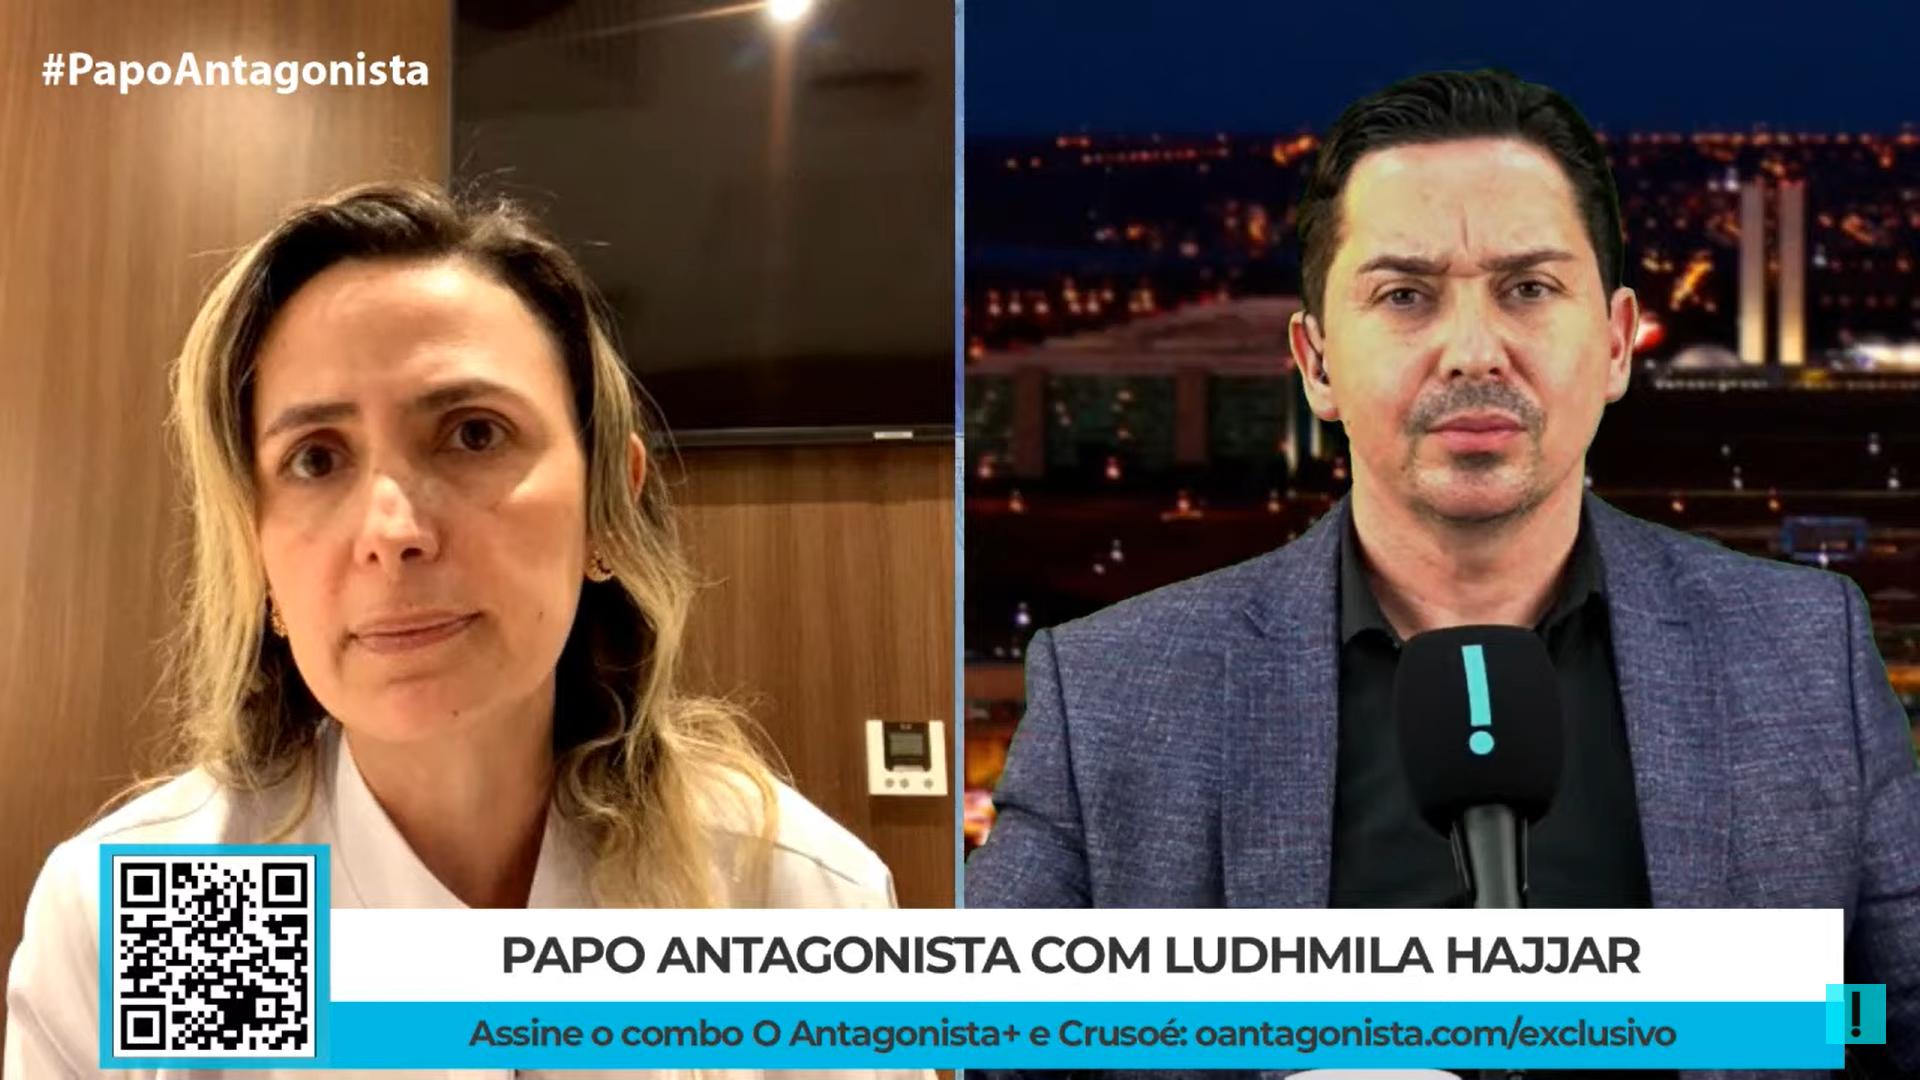 """IMAGEM: """"Espero que o STF tome uma atitude correta"""", diz Ludhmila Hajjar sobre julgamento relacionado a missas e cultos"""